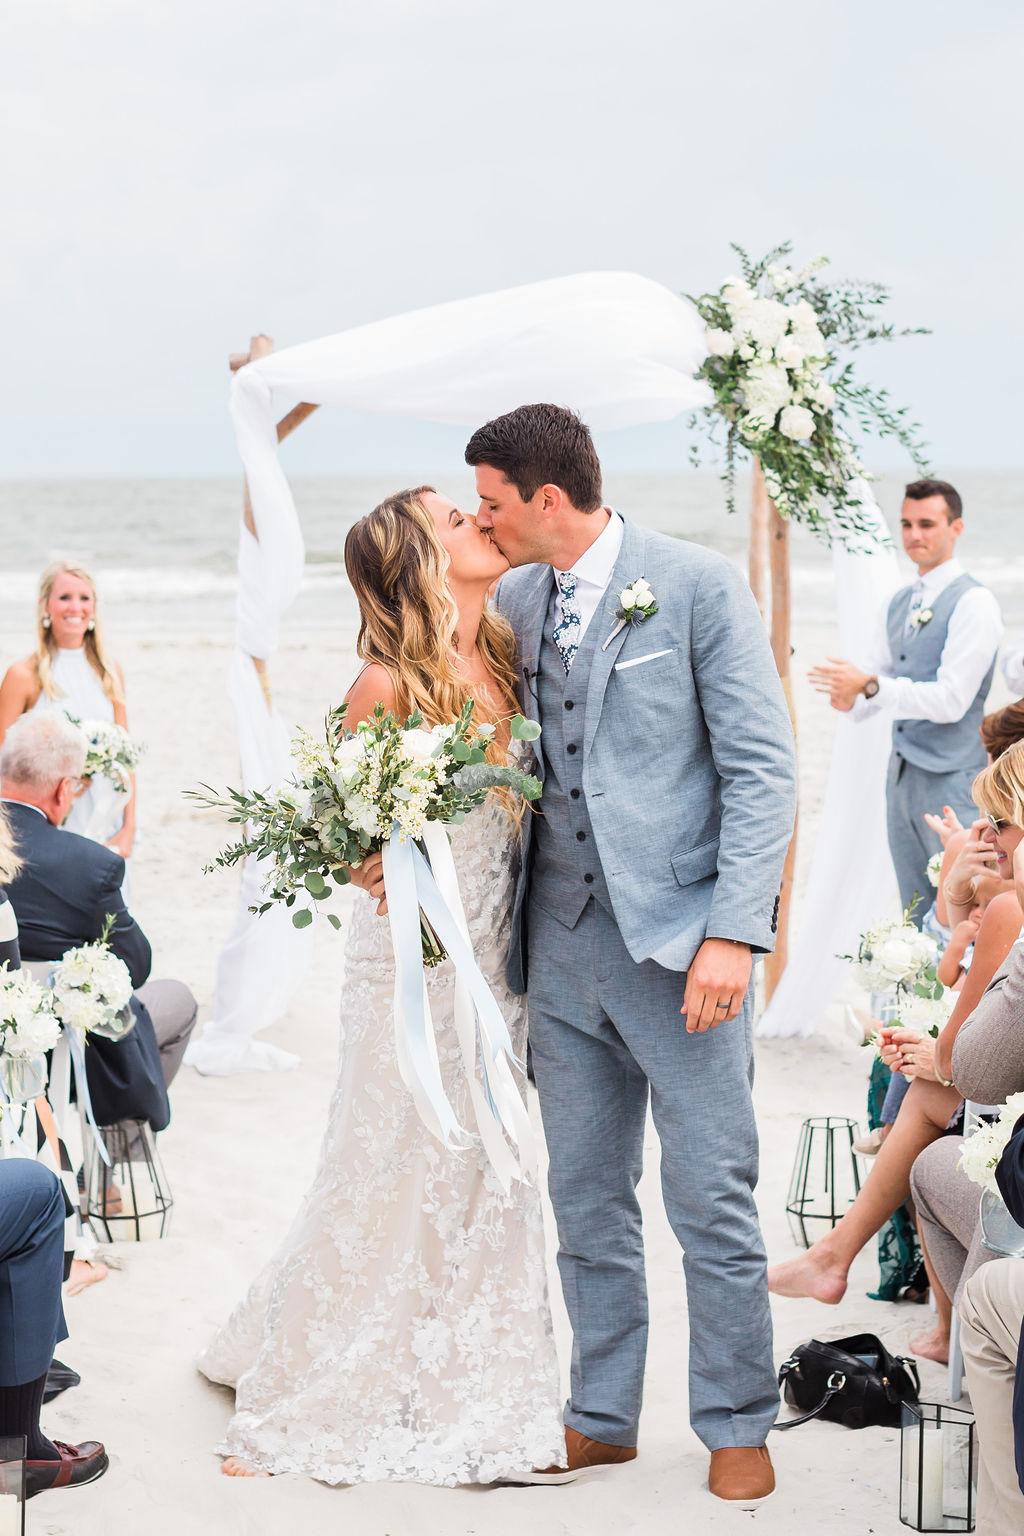 omni-hilton-head-wedding-17.jpg